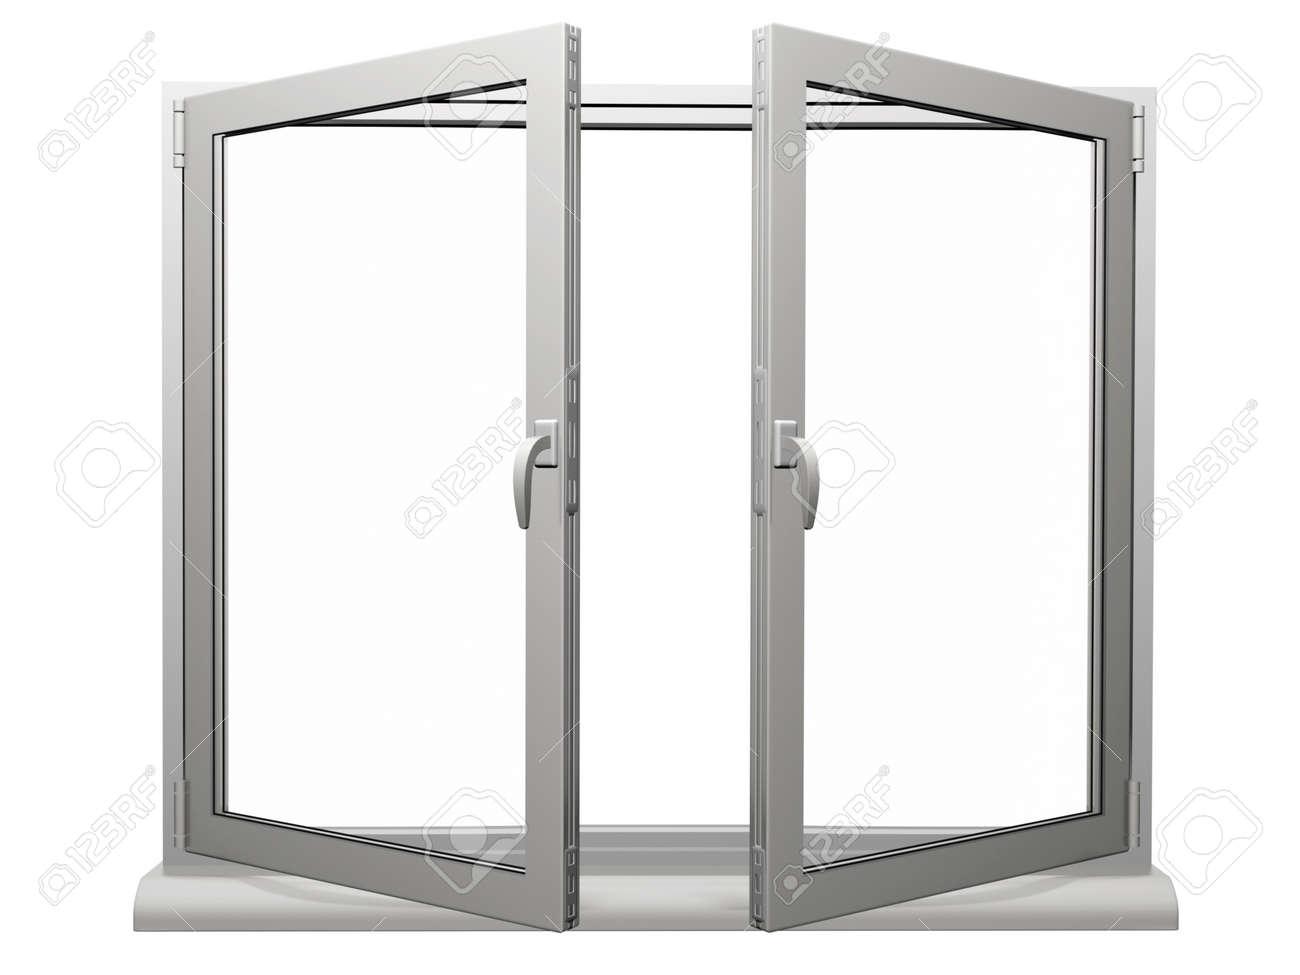 Zwei Rahmen Offenen Kunststoff-Fenster Isoliert Auf Weiß Lizenzfreie ...